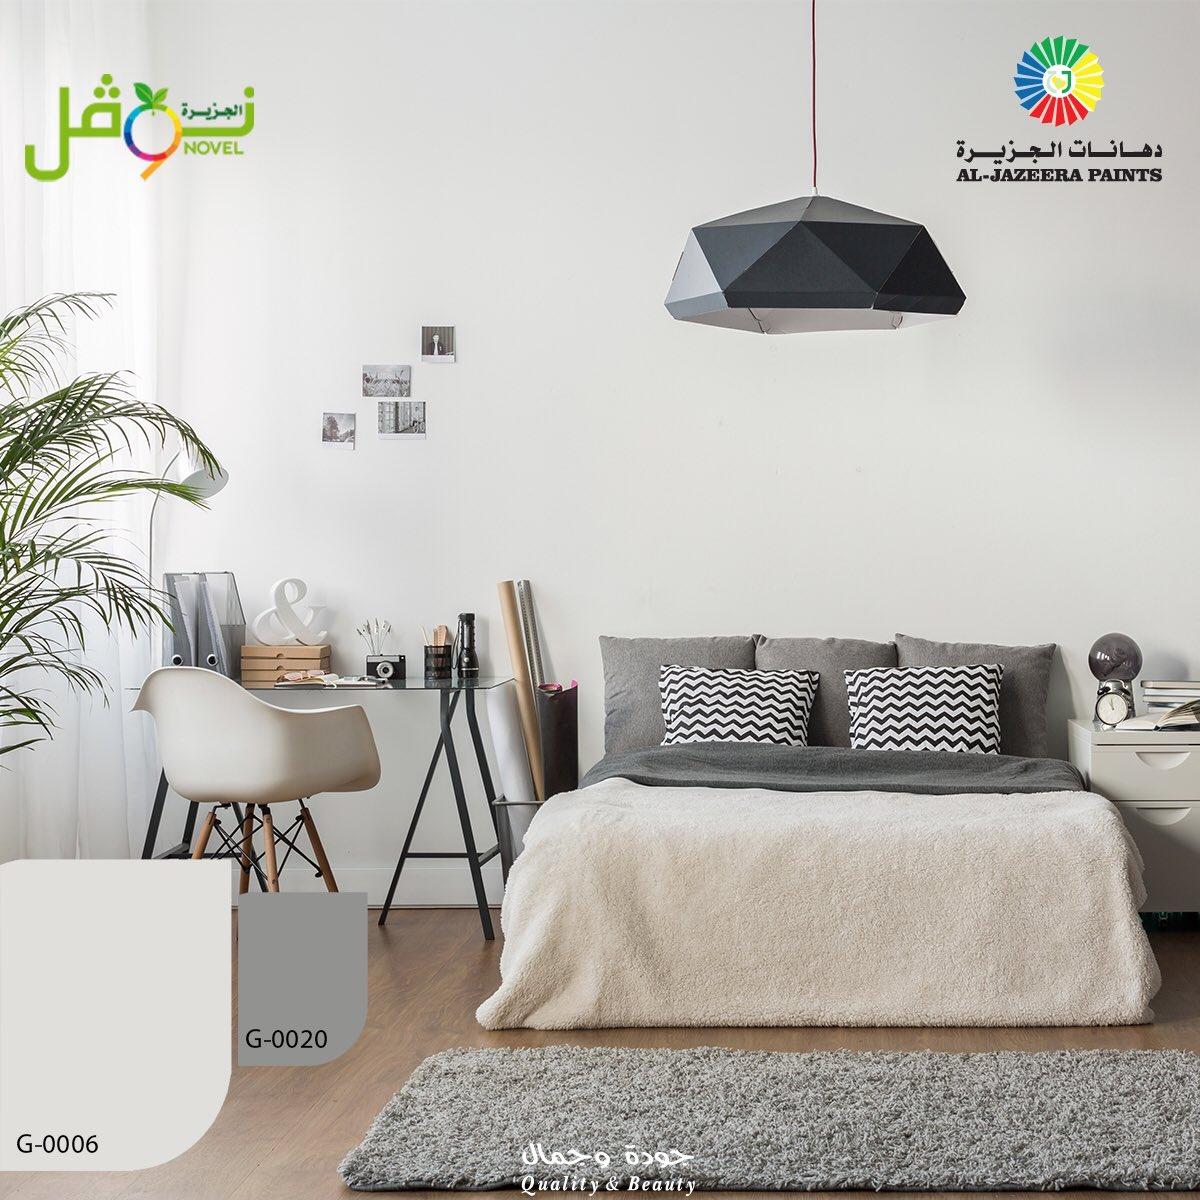 دهانات الجزيرة Jazeera Paints Twitter Da الرمادي لون الحداثة والرسمية لكل لون معنى